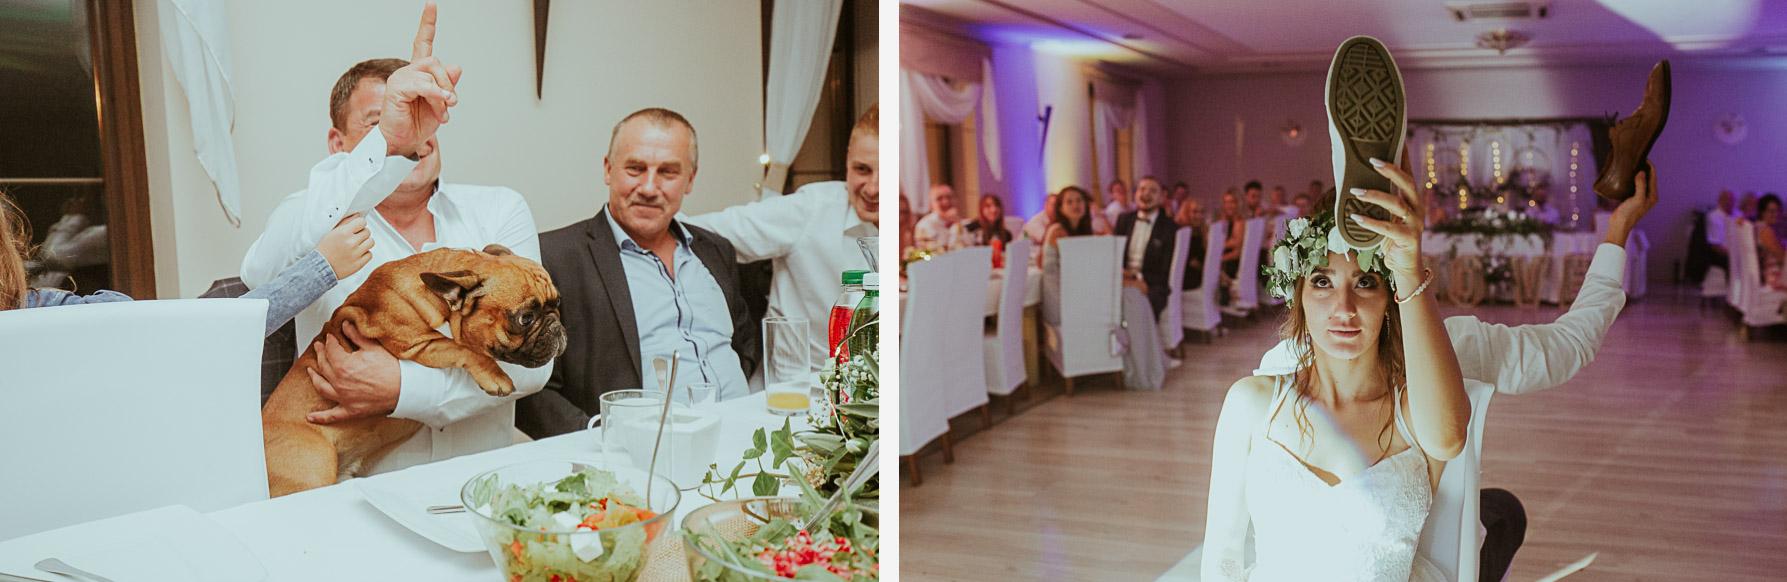 Zdjęcia Ślubne Rybnik 114 a28